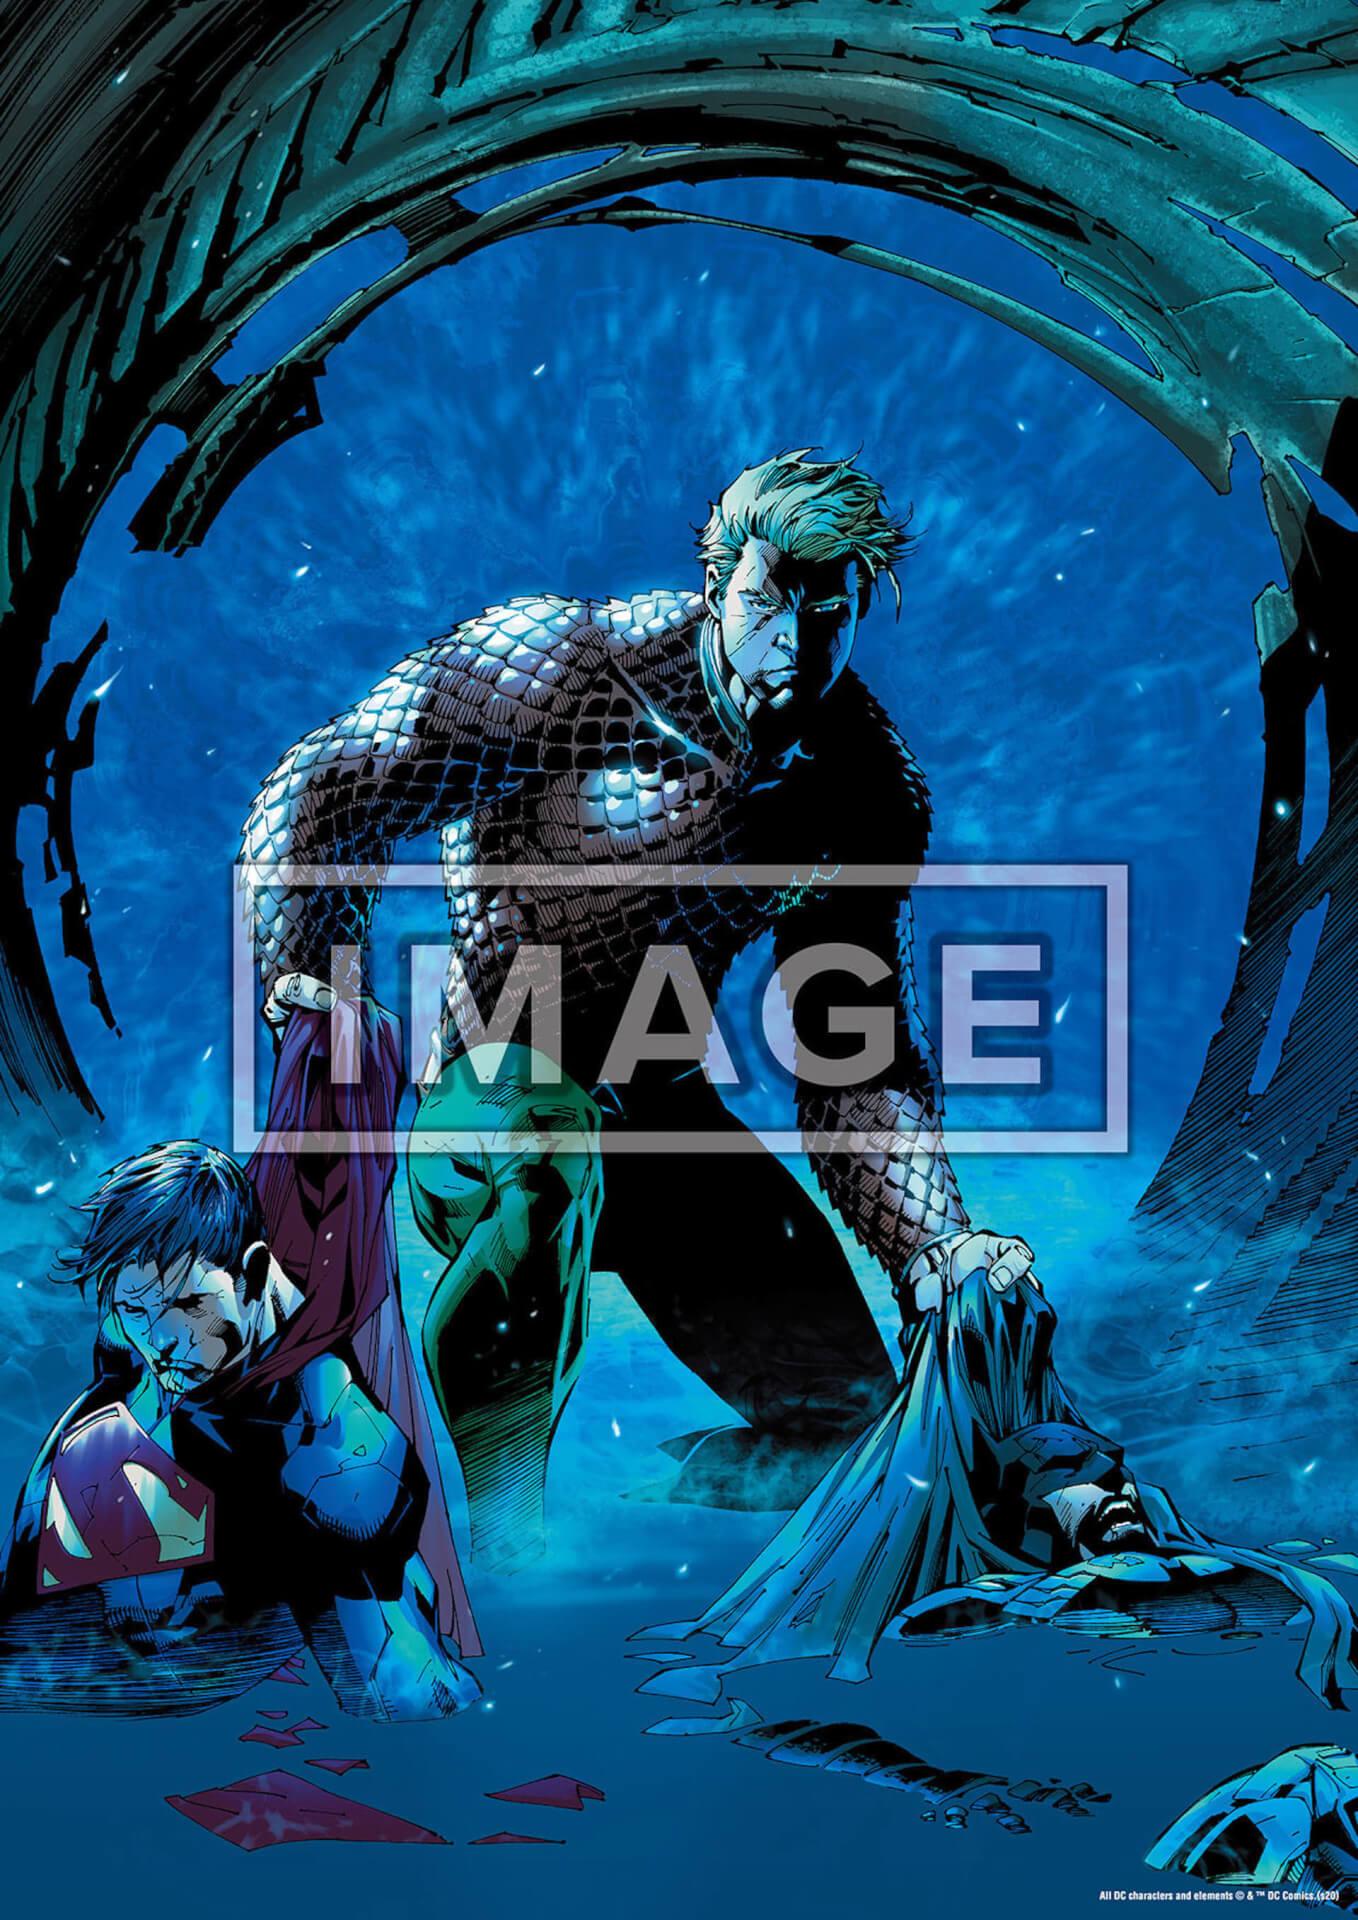 『ワンダーウーマン 1984』劇場公開記念!スーパーマン、バットマン、ジョーカーら人気DCキャラのBE@RBRICKや限定ポスターが当たるHappyくじが発売 art201216_dc_bearbrick_15